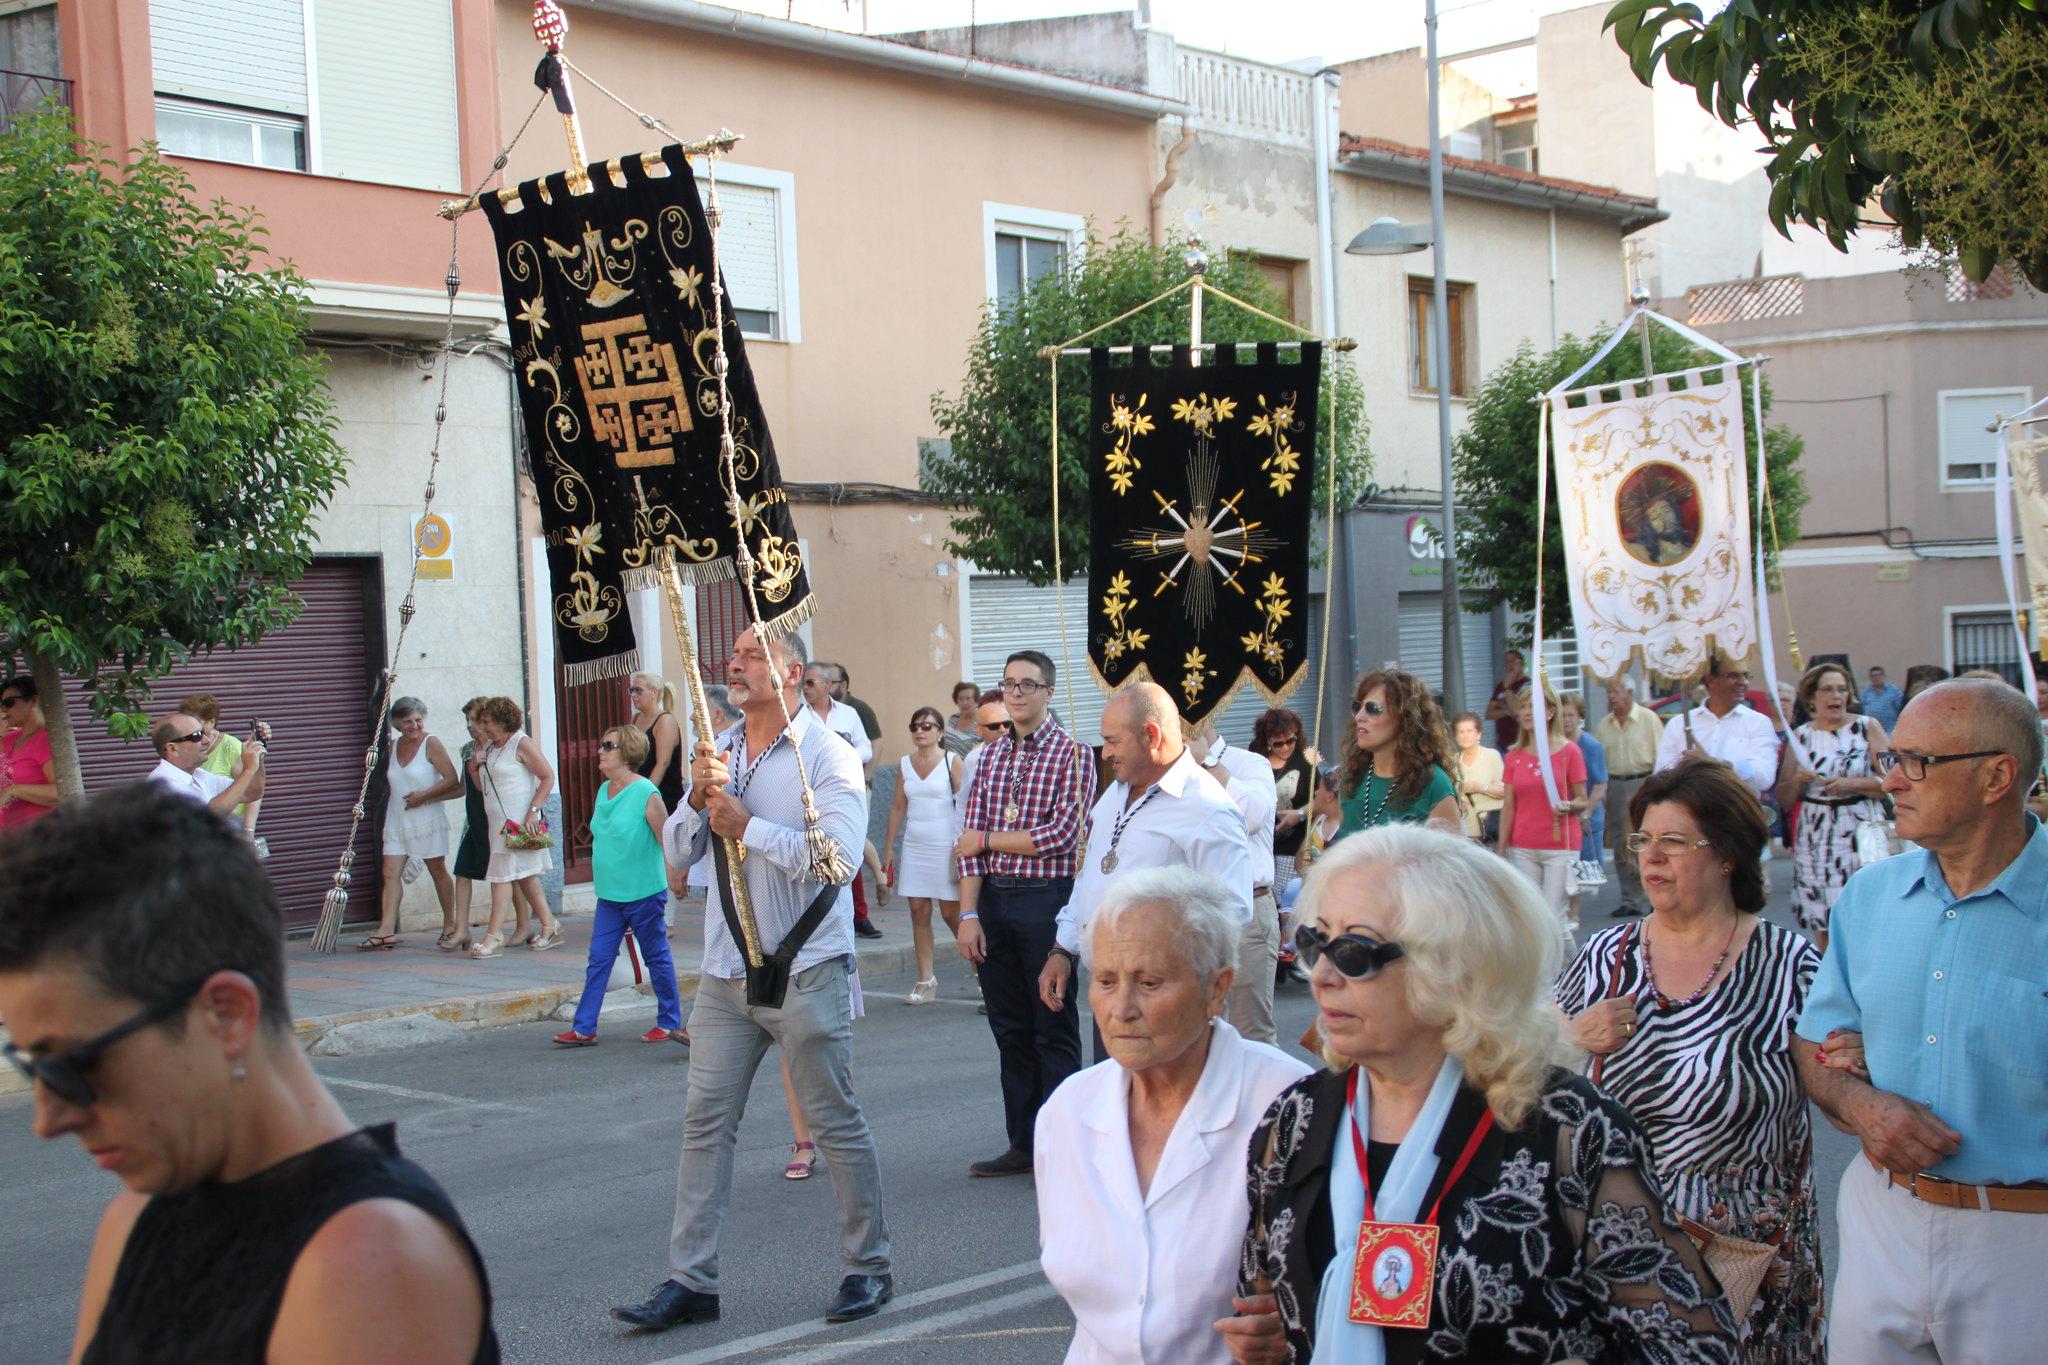 (2015-07-12) - Virgen del Carmen, parroquia La Santa Cruz - Javier Romero Ripoll (15)